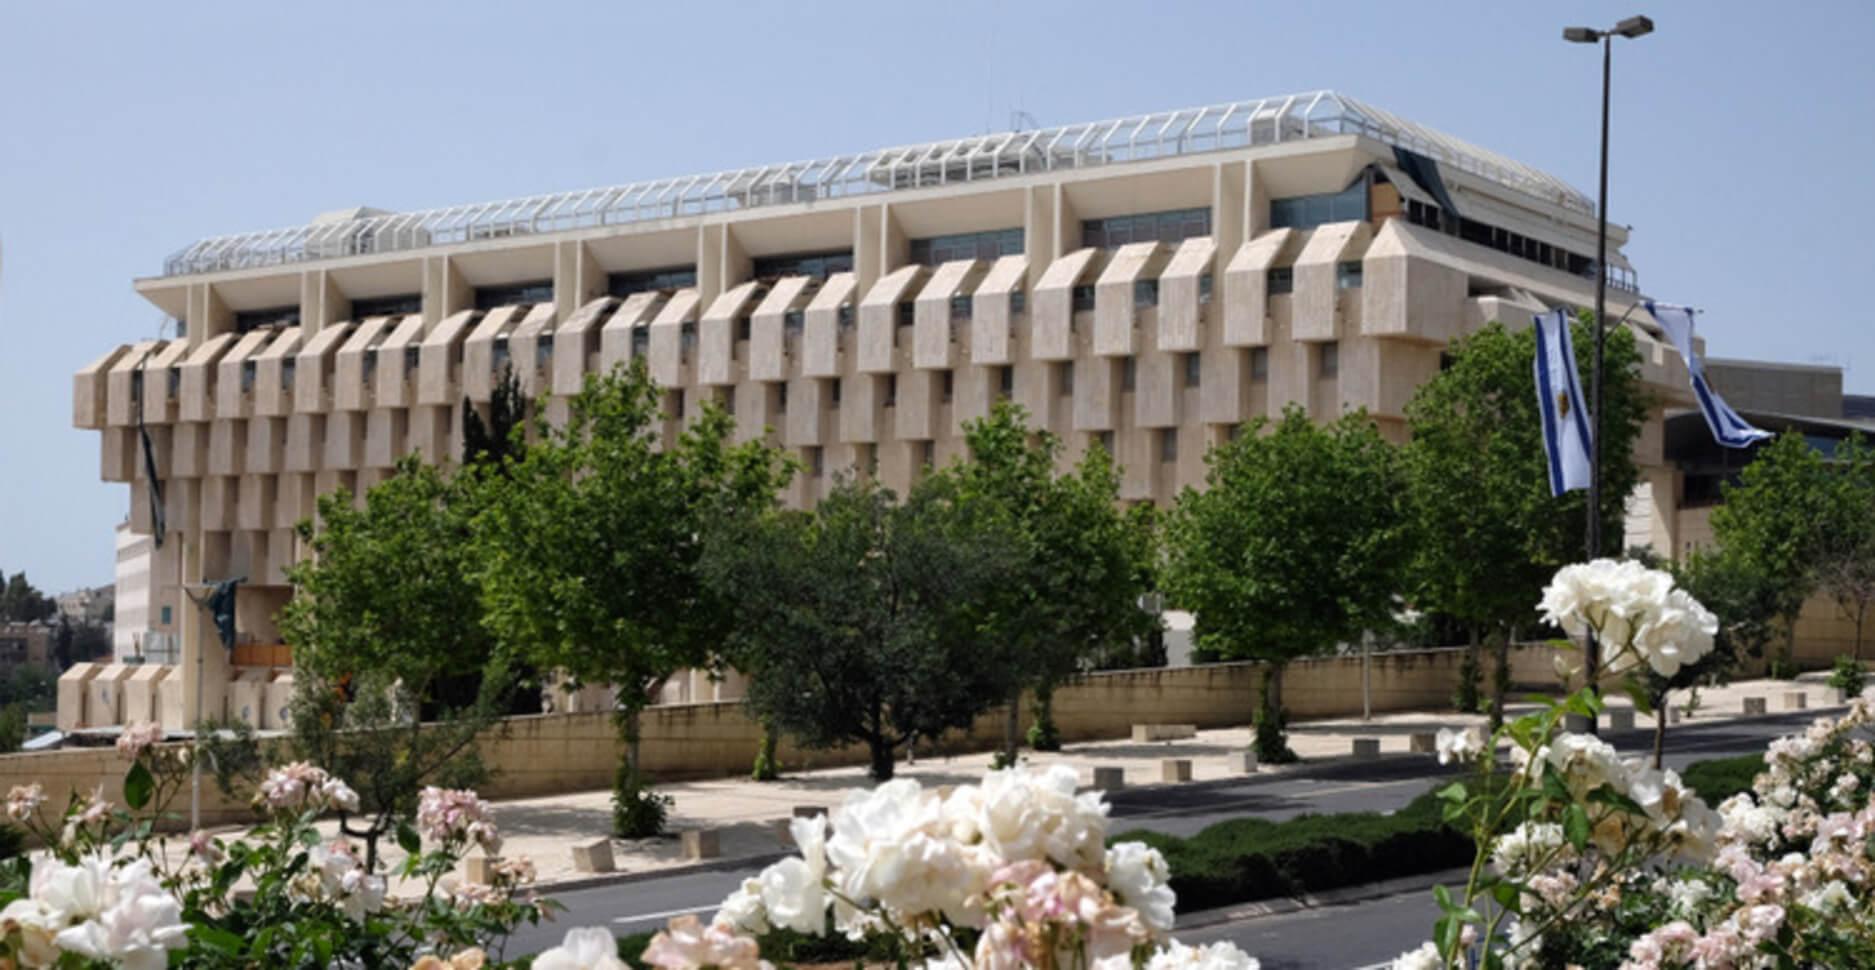 Bank Of Israel Confirms Digital Shekel in the works %